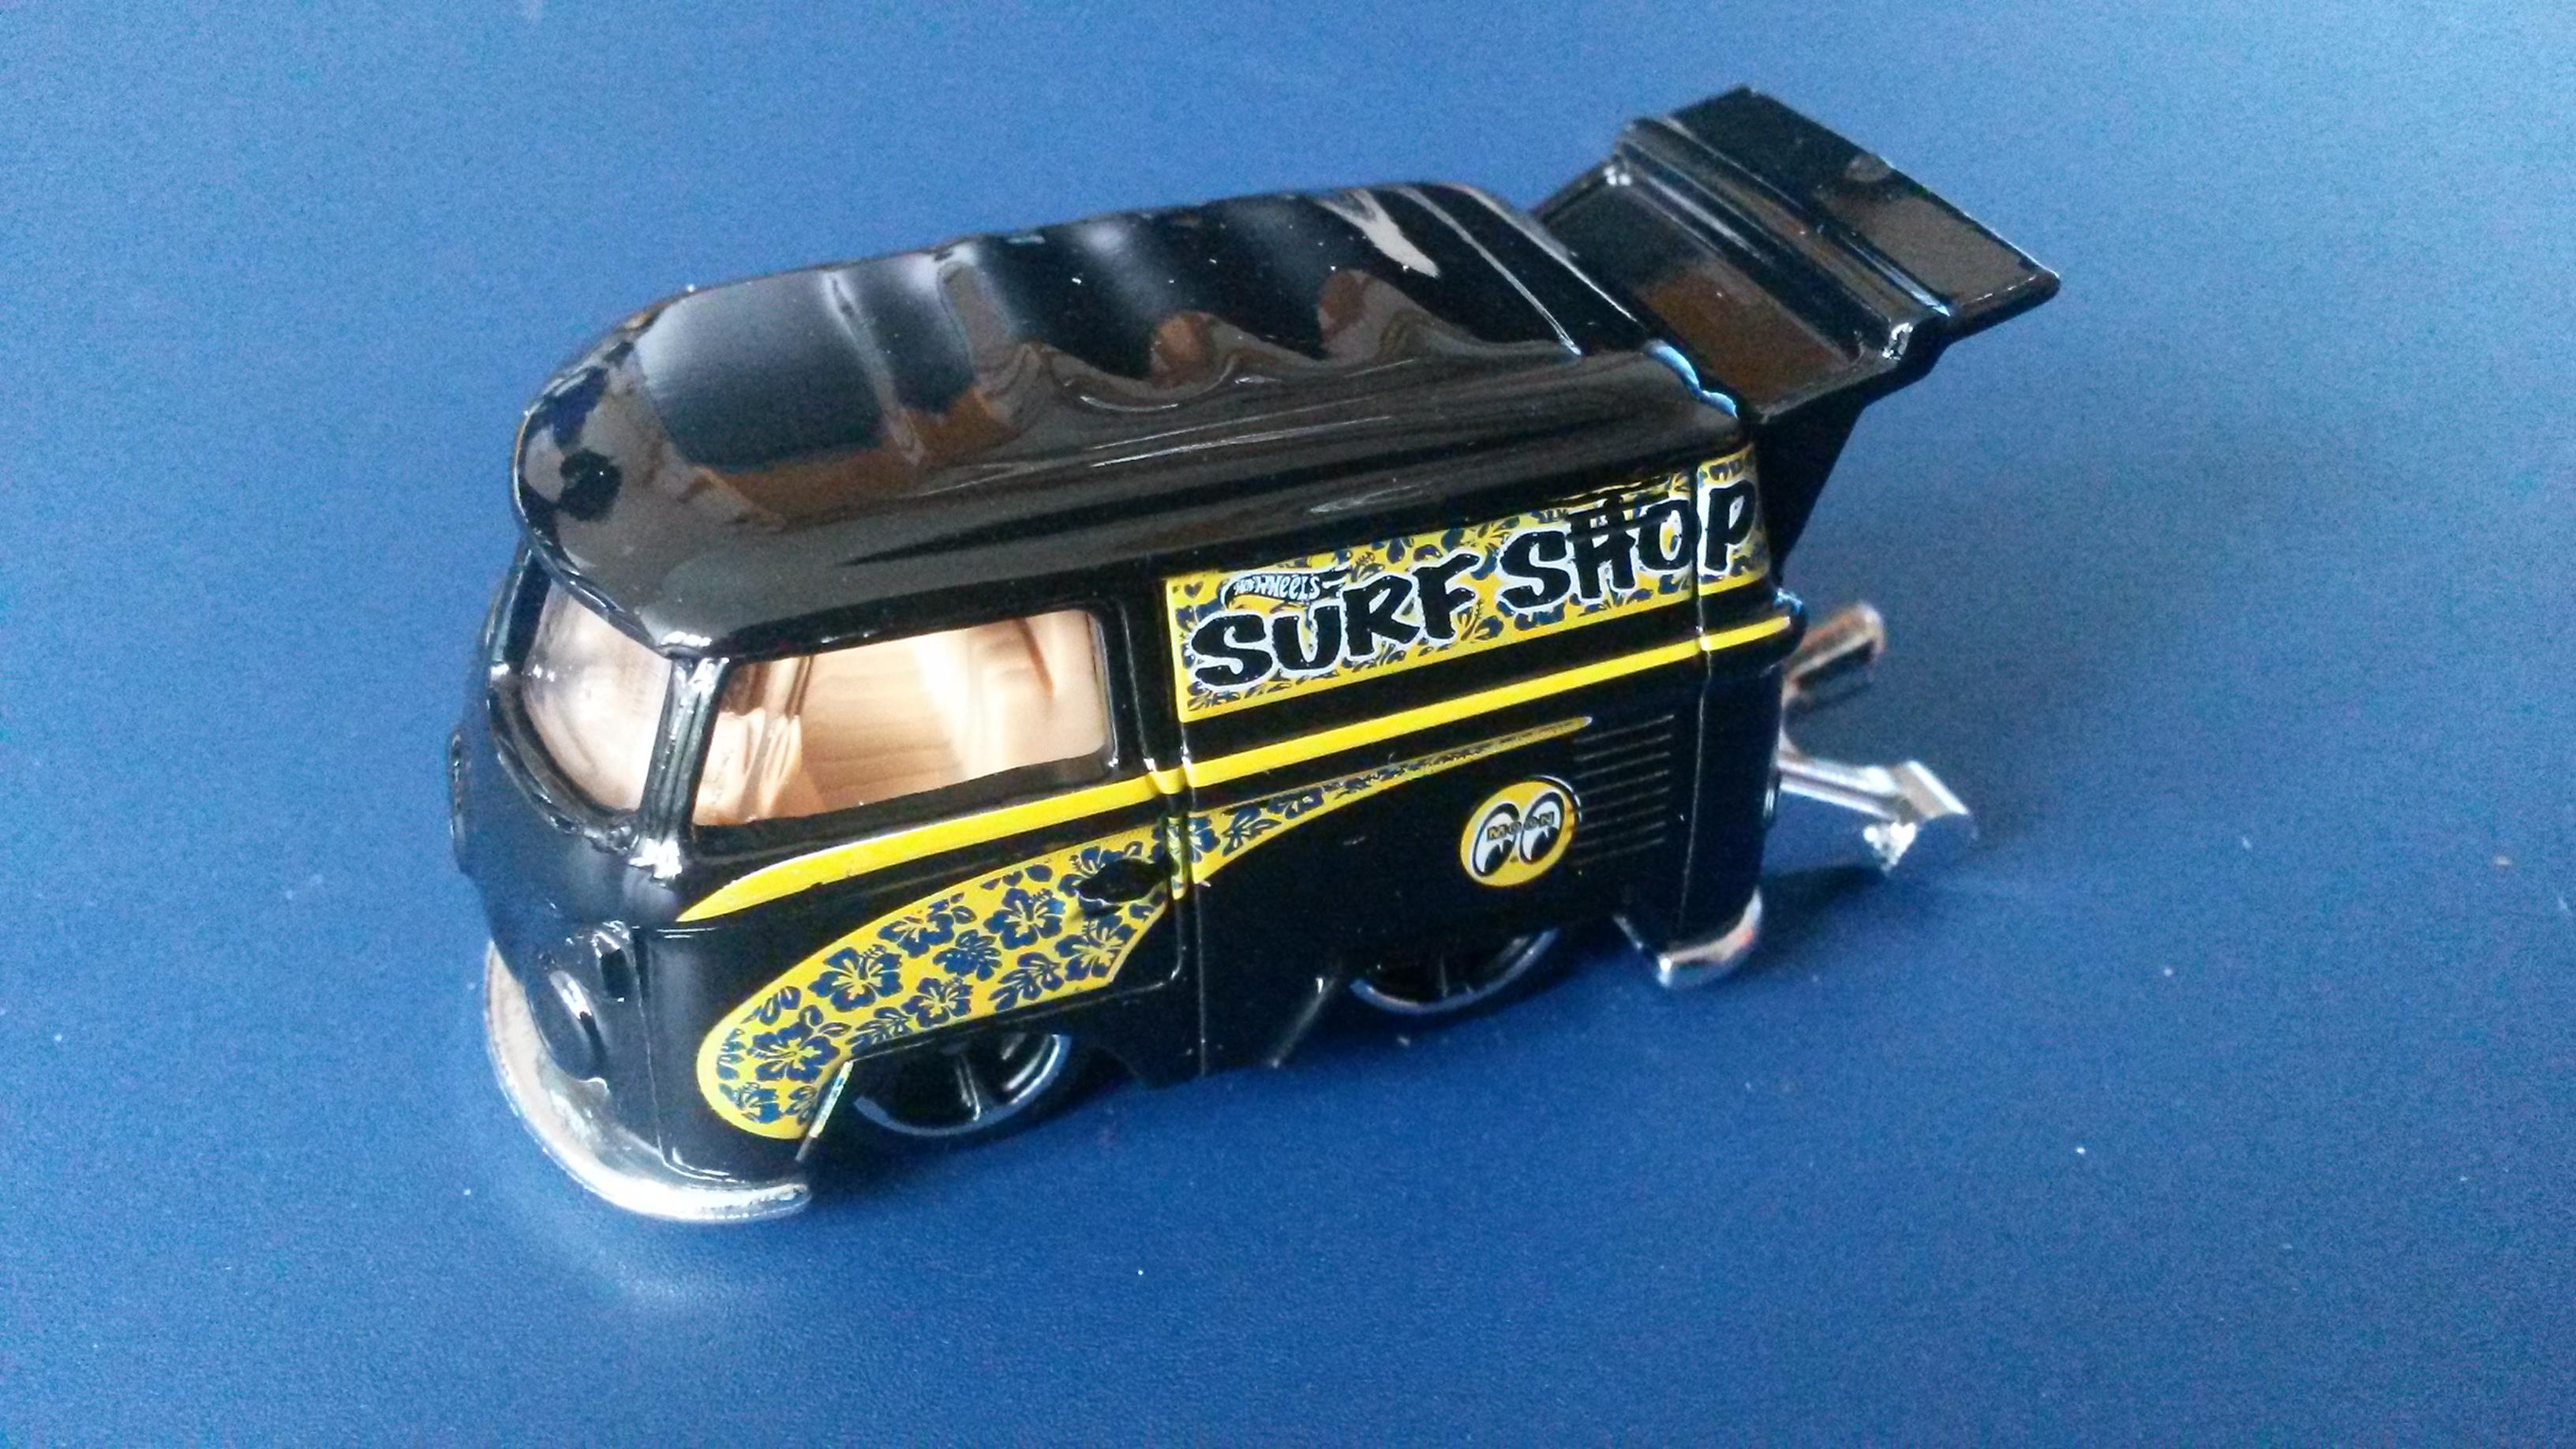 170825 Surfy Dragstar T4-Custom